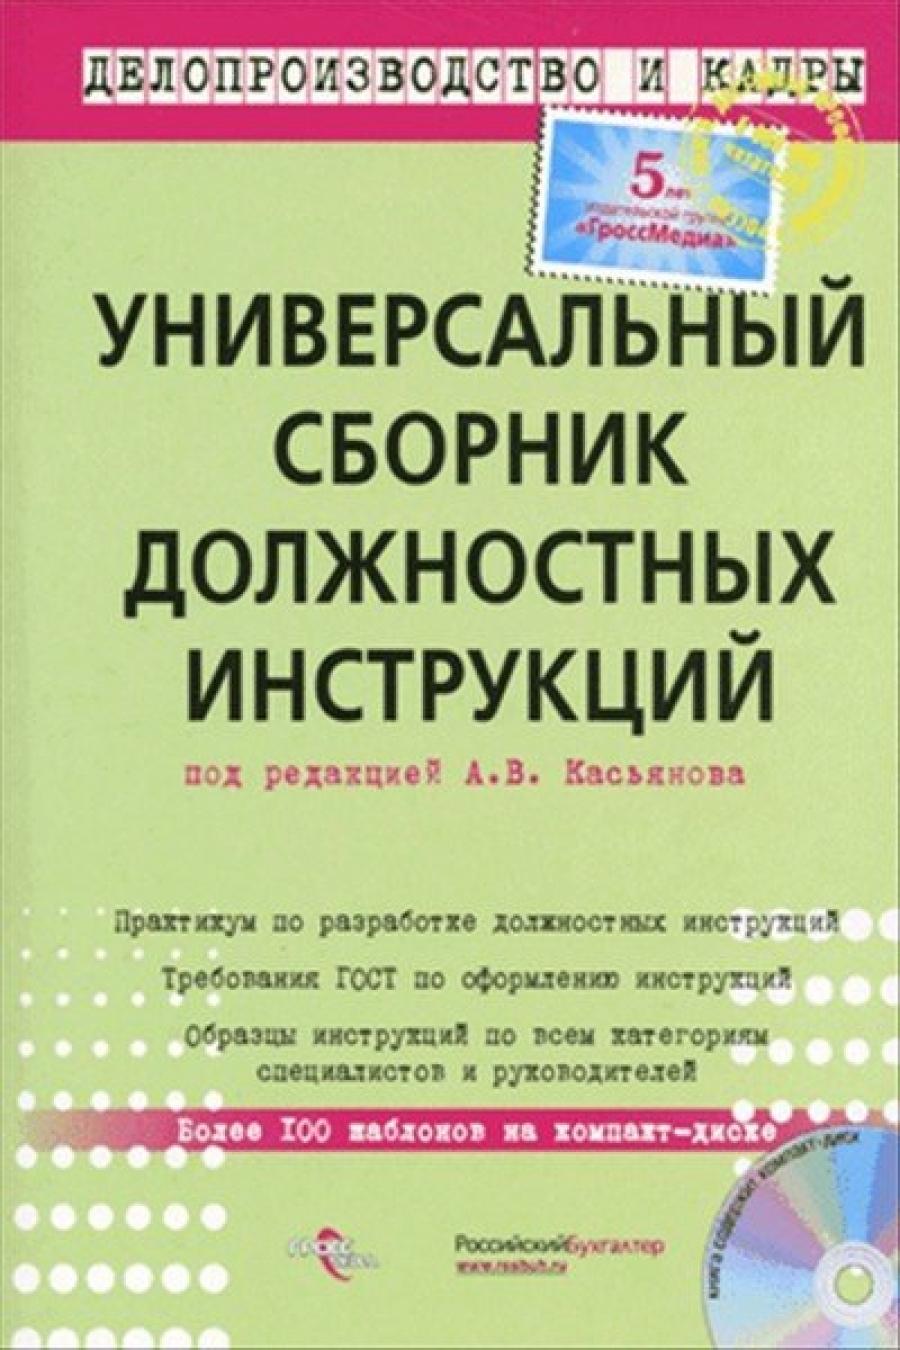 Обложка книги:  делопроизводство и кадры - касьянов а. в. - универсальный сборник должностных инструкций